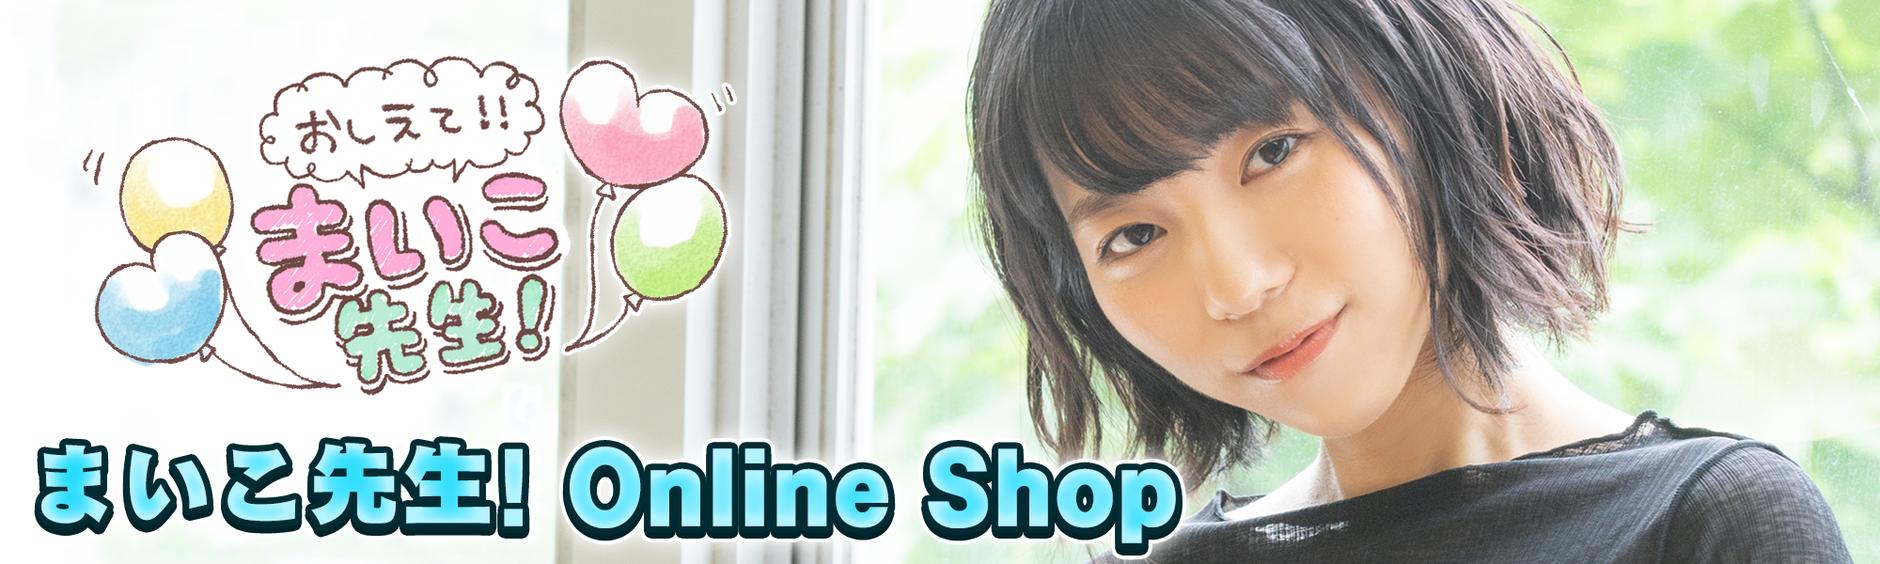 「おしえて!まいこ先生!」Online Shop